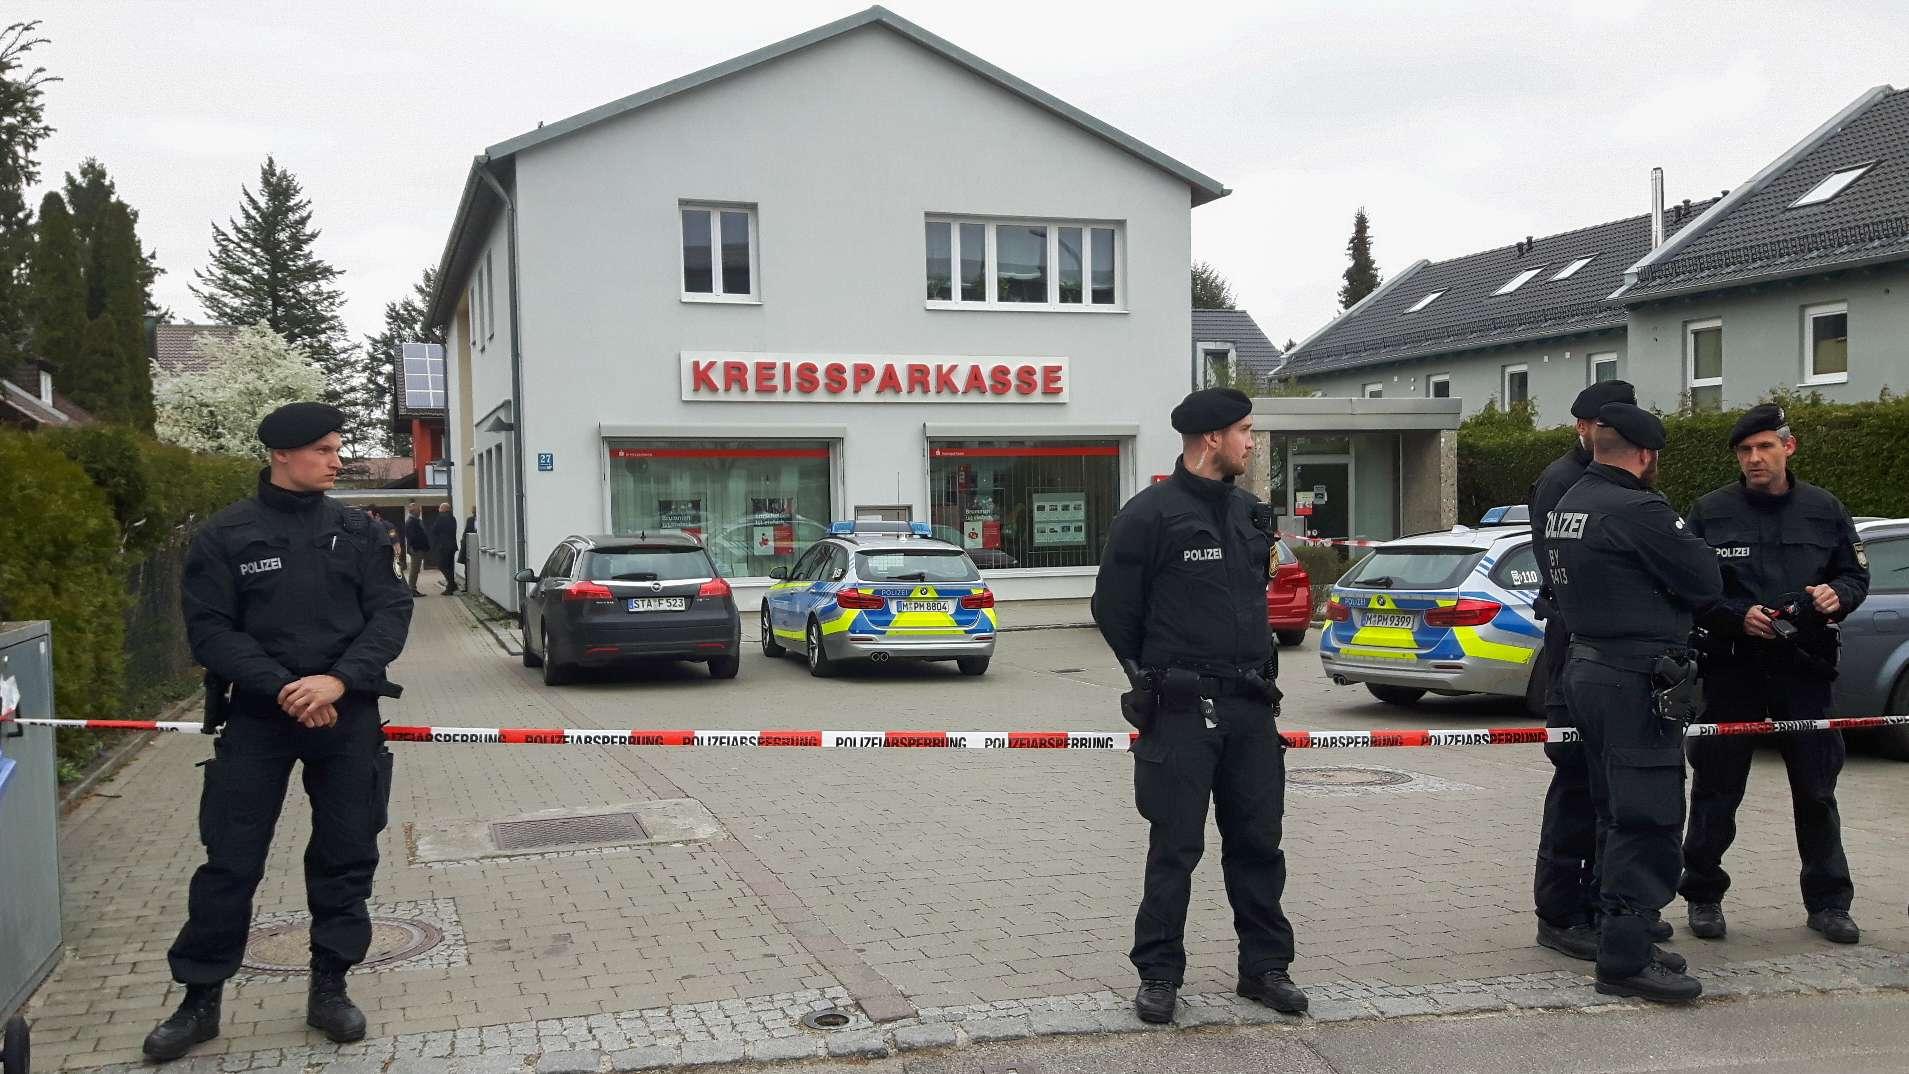 Foto vom Tatort.